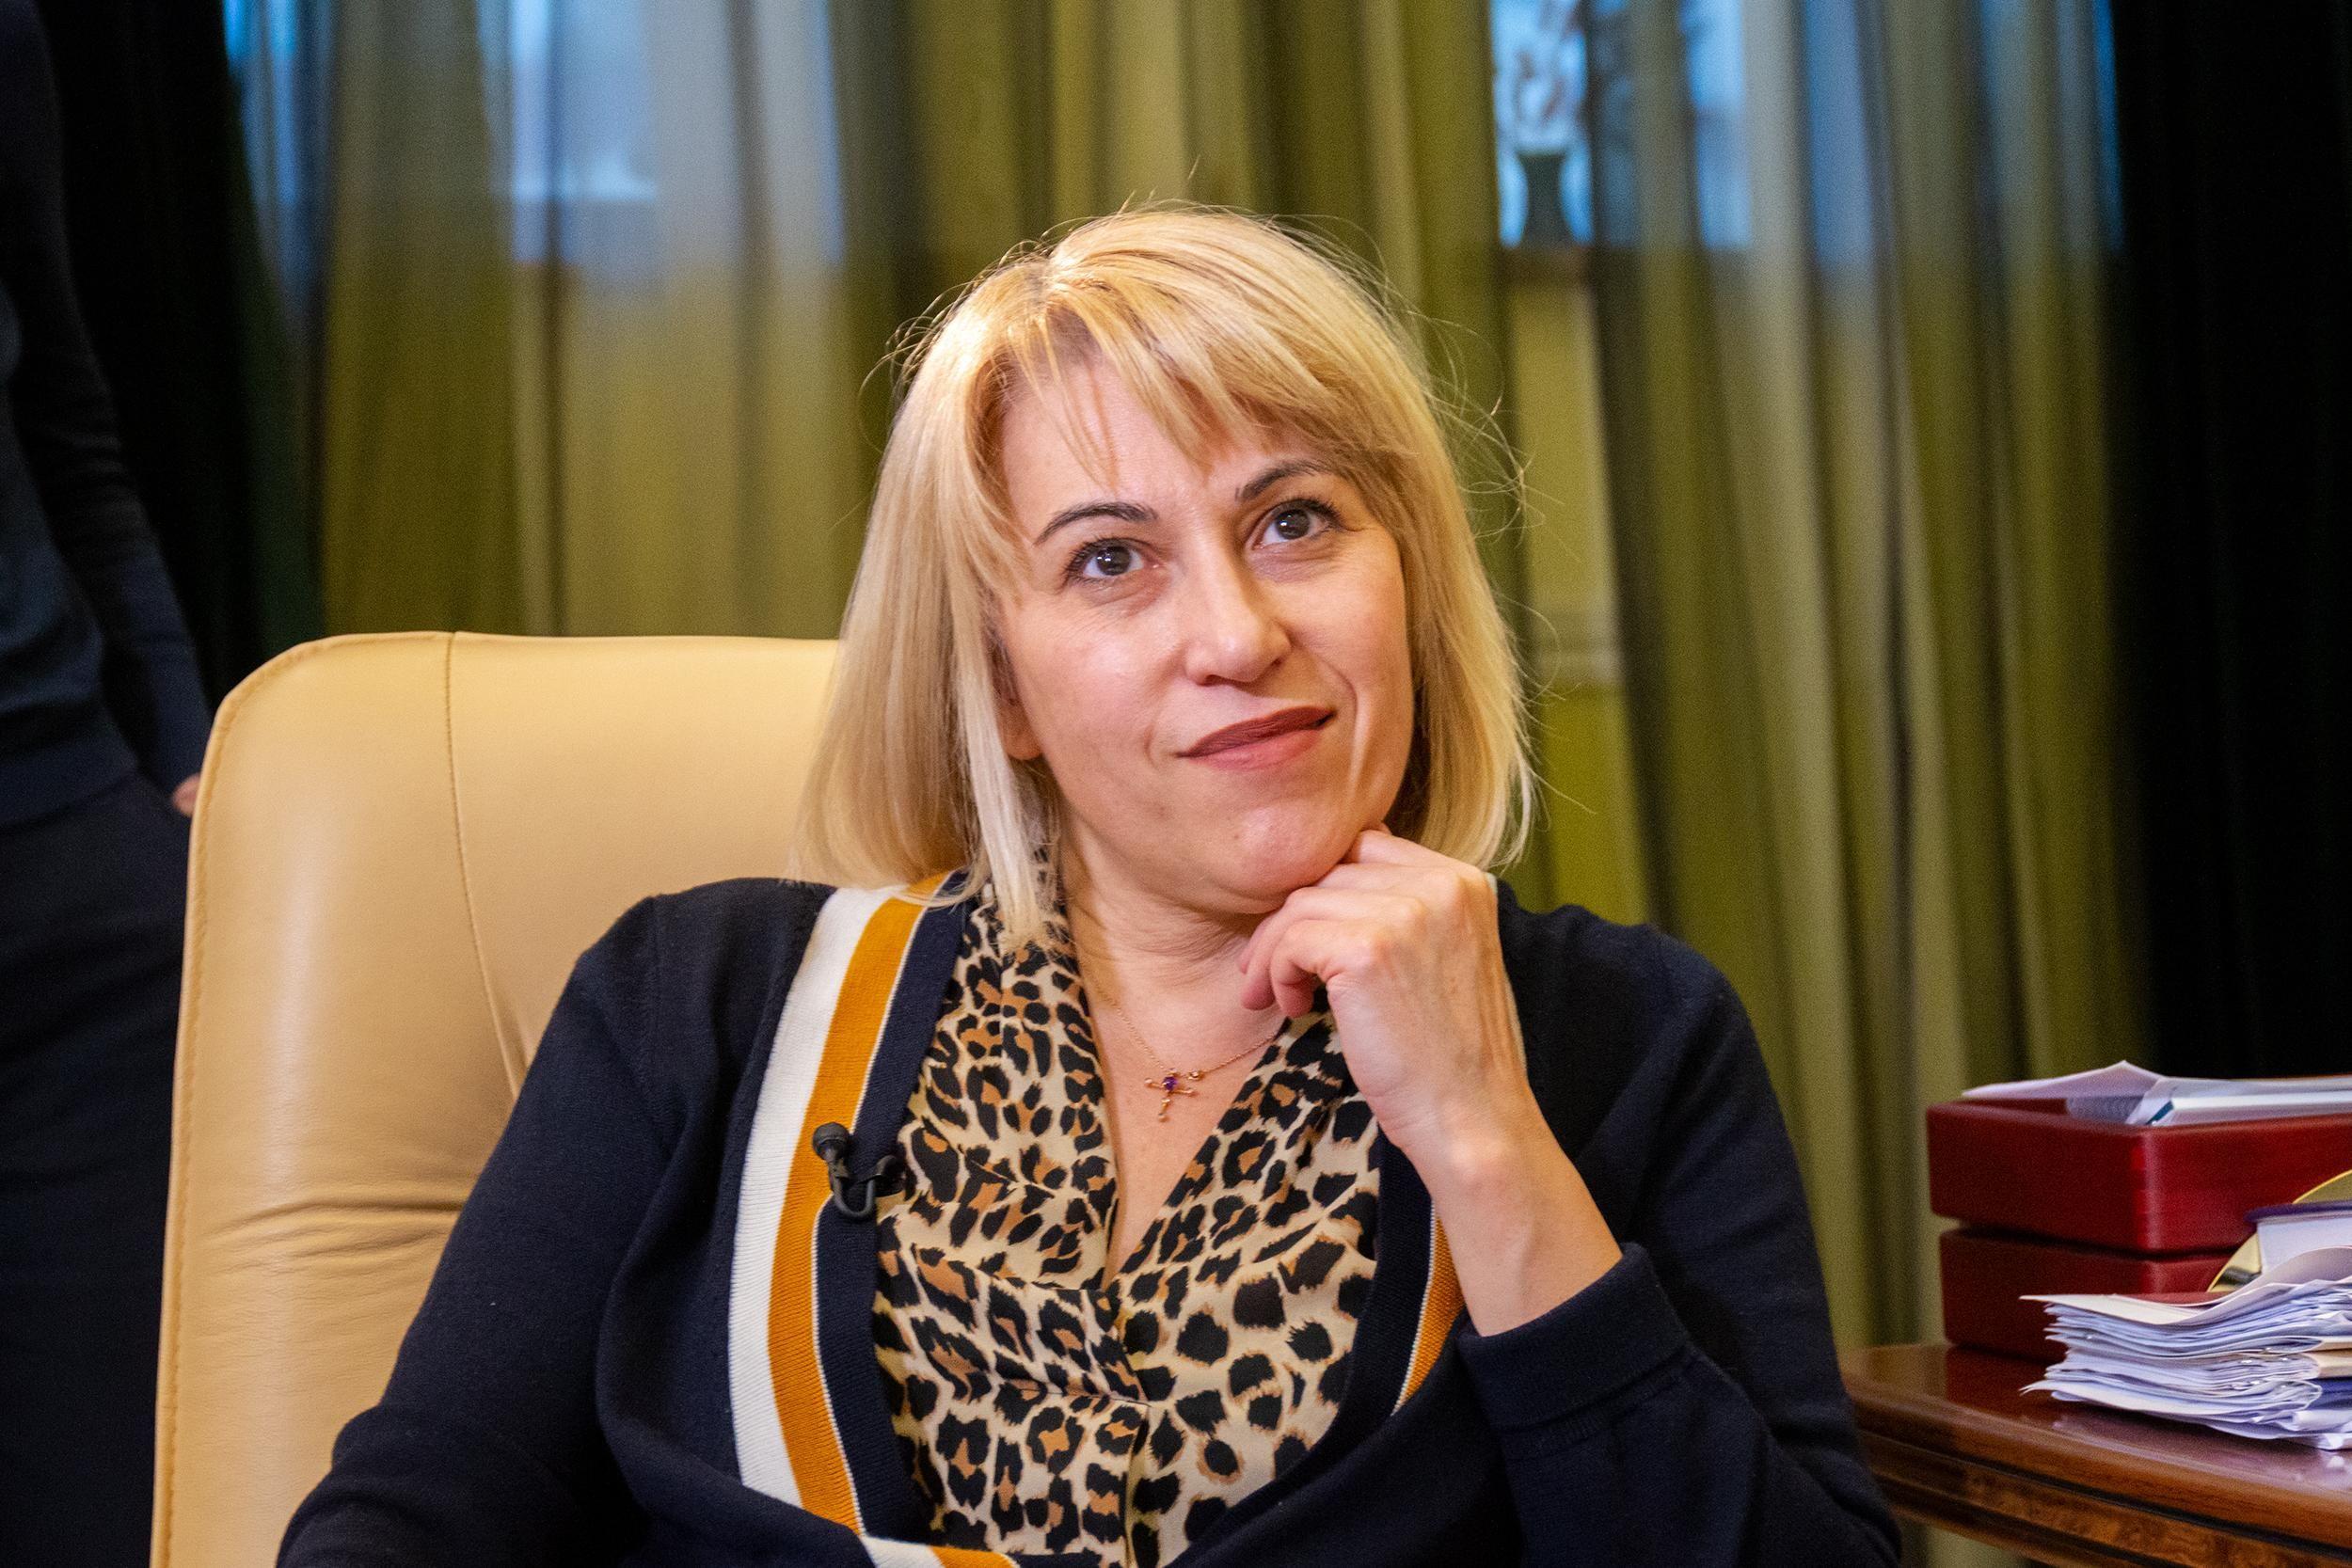 Алена Бабак - Минразвития общин и территорий - интервью